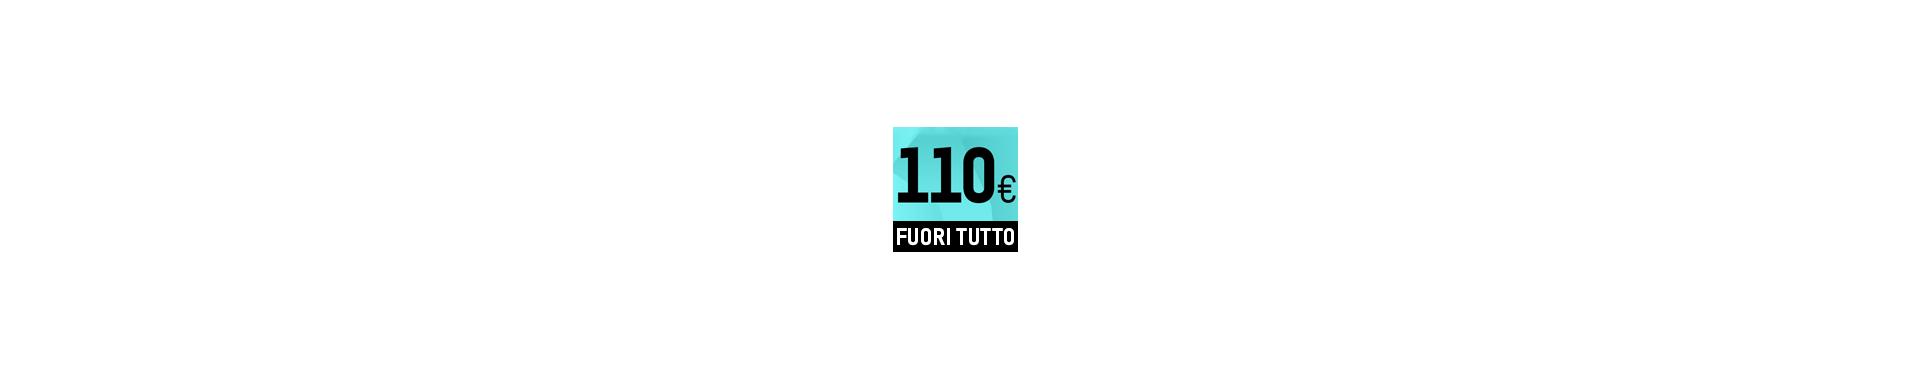 Fuori tutto Caschi per moto a 110 euro